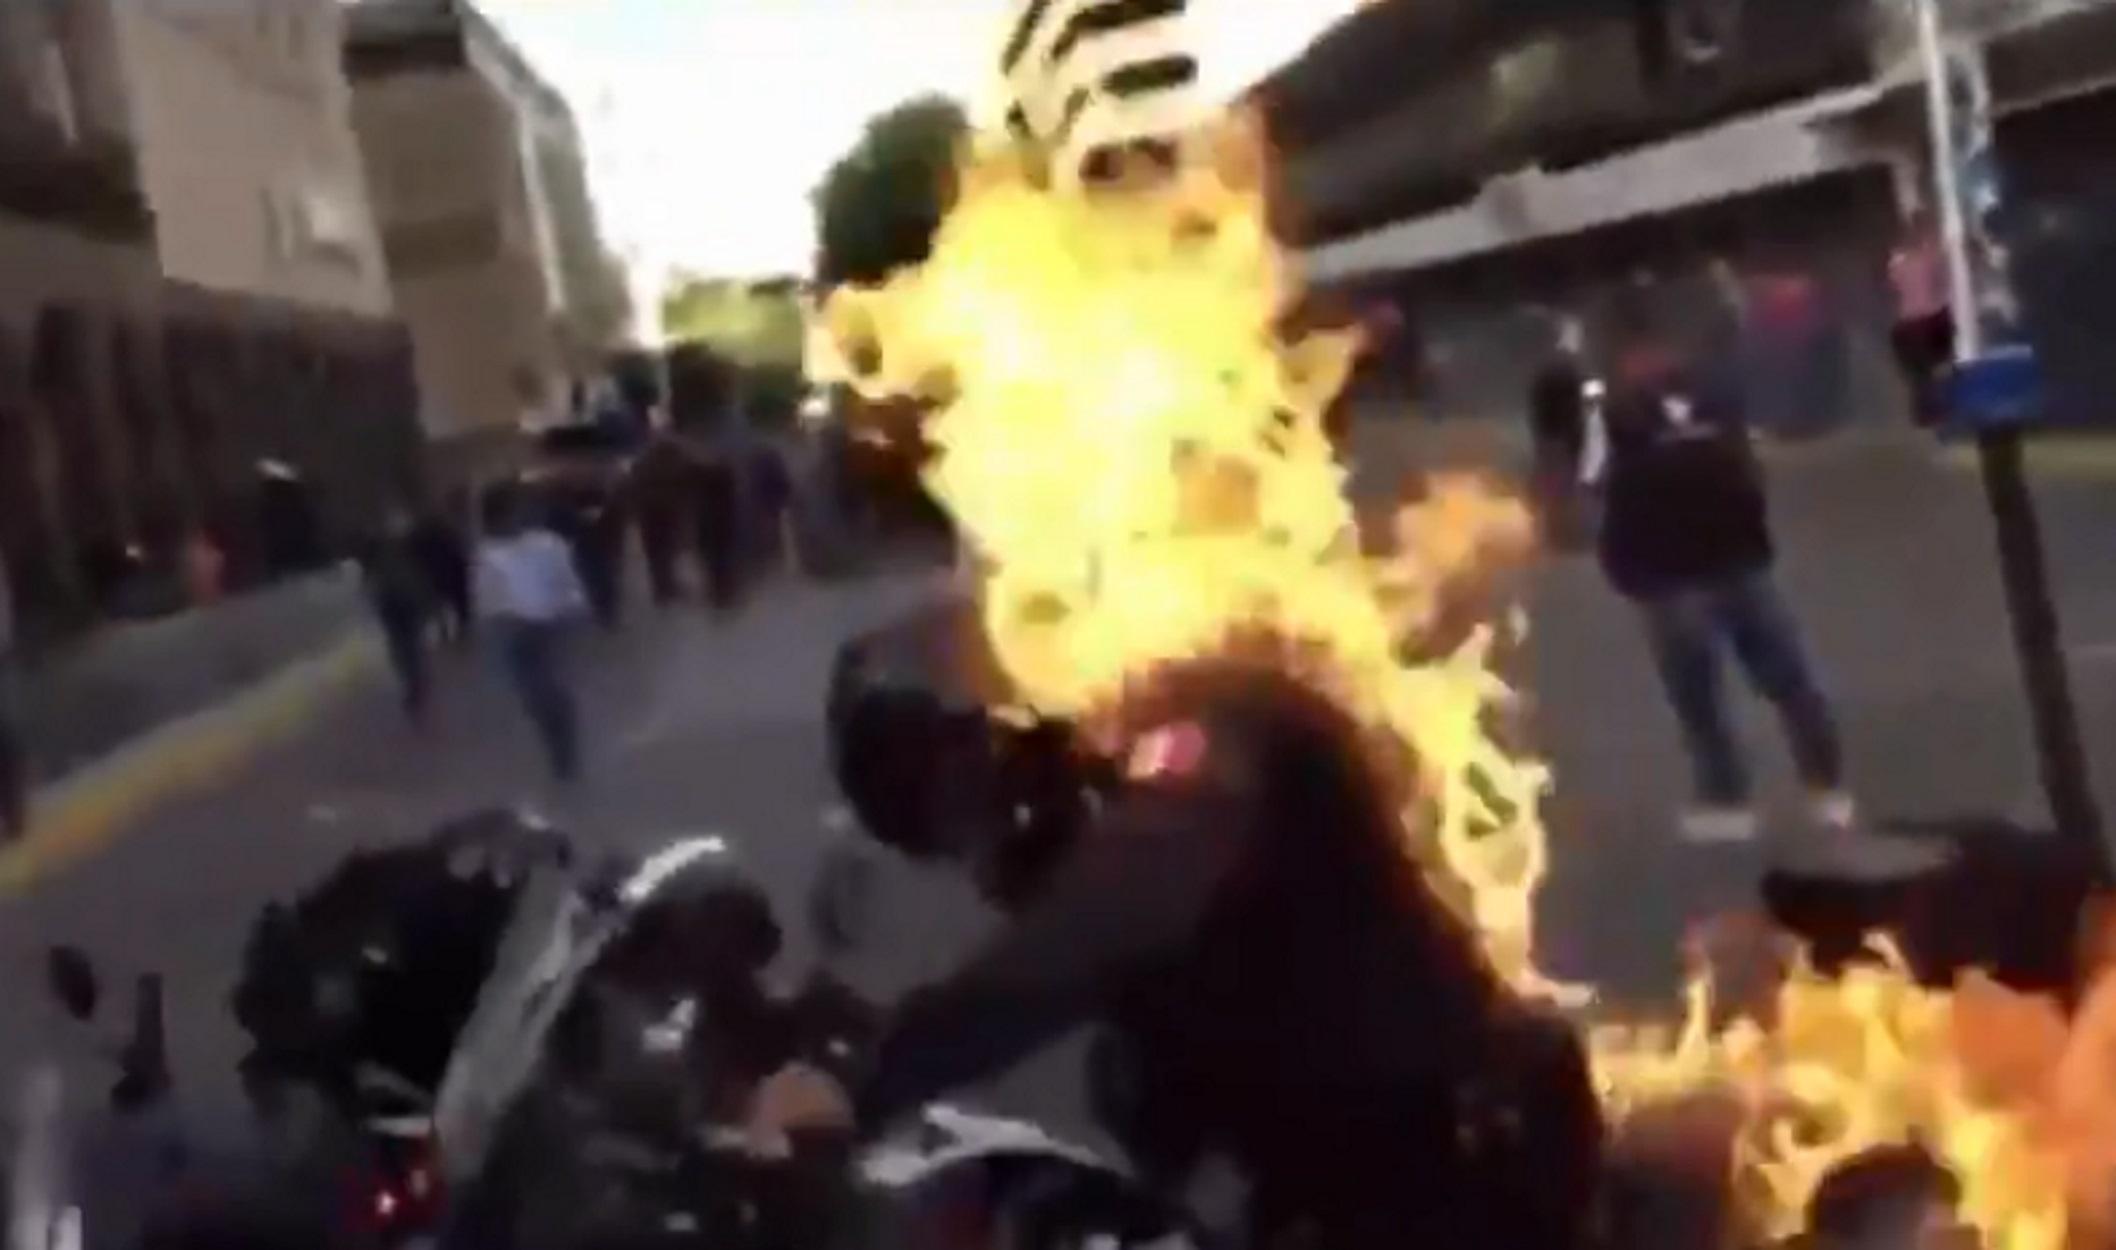 Σοκαριστικό βίντεο στο Μεξικό: Διαδηλωτές πυρπολούν αστυνομικό σε επεισόδια για το θάνατο νεαρού